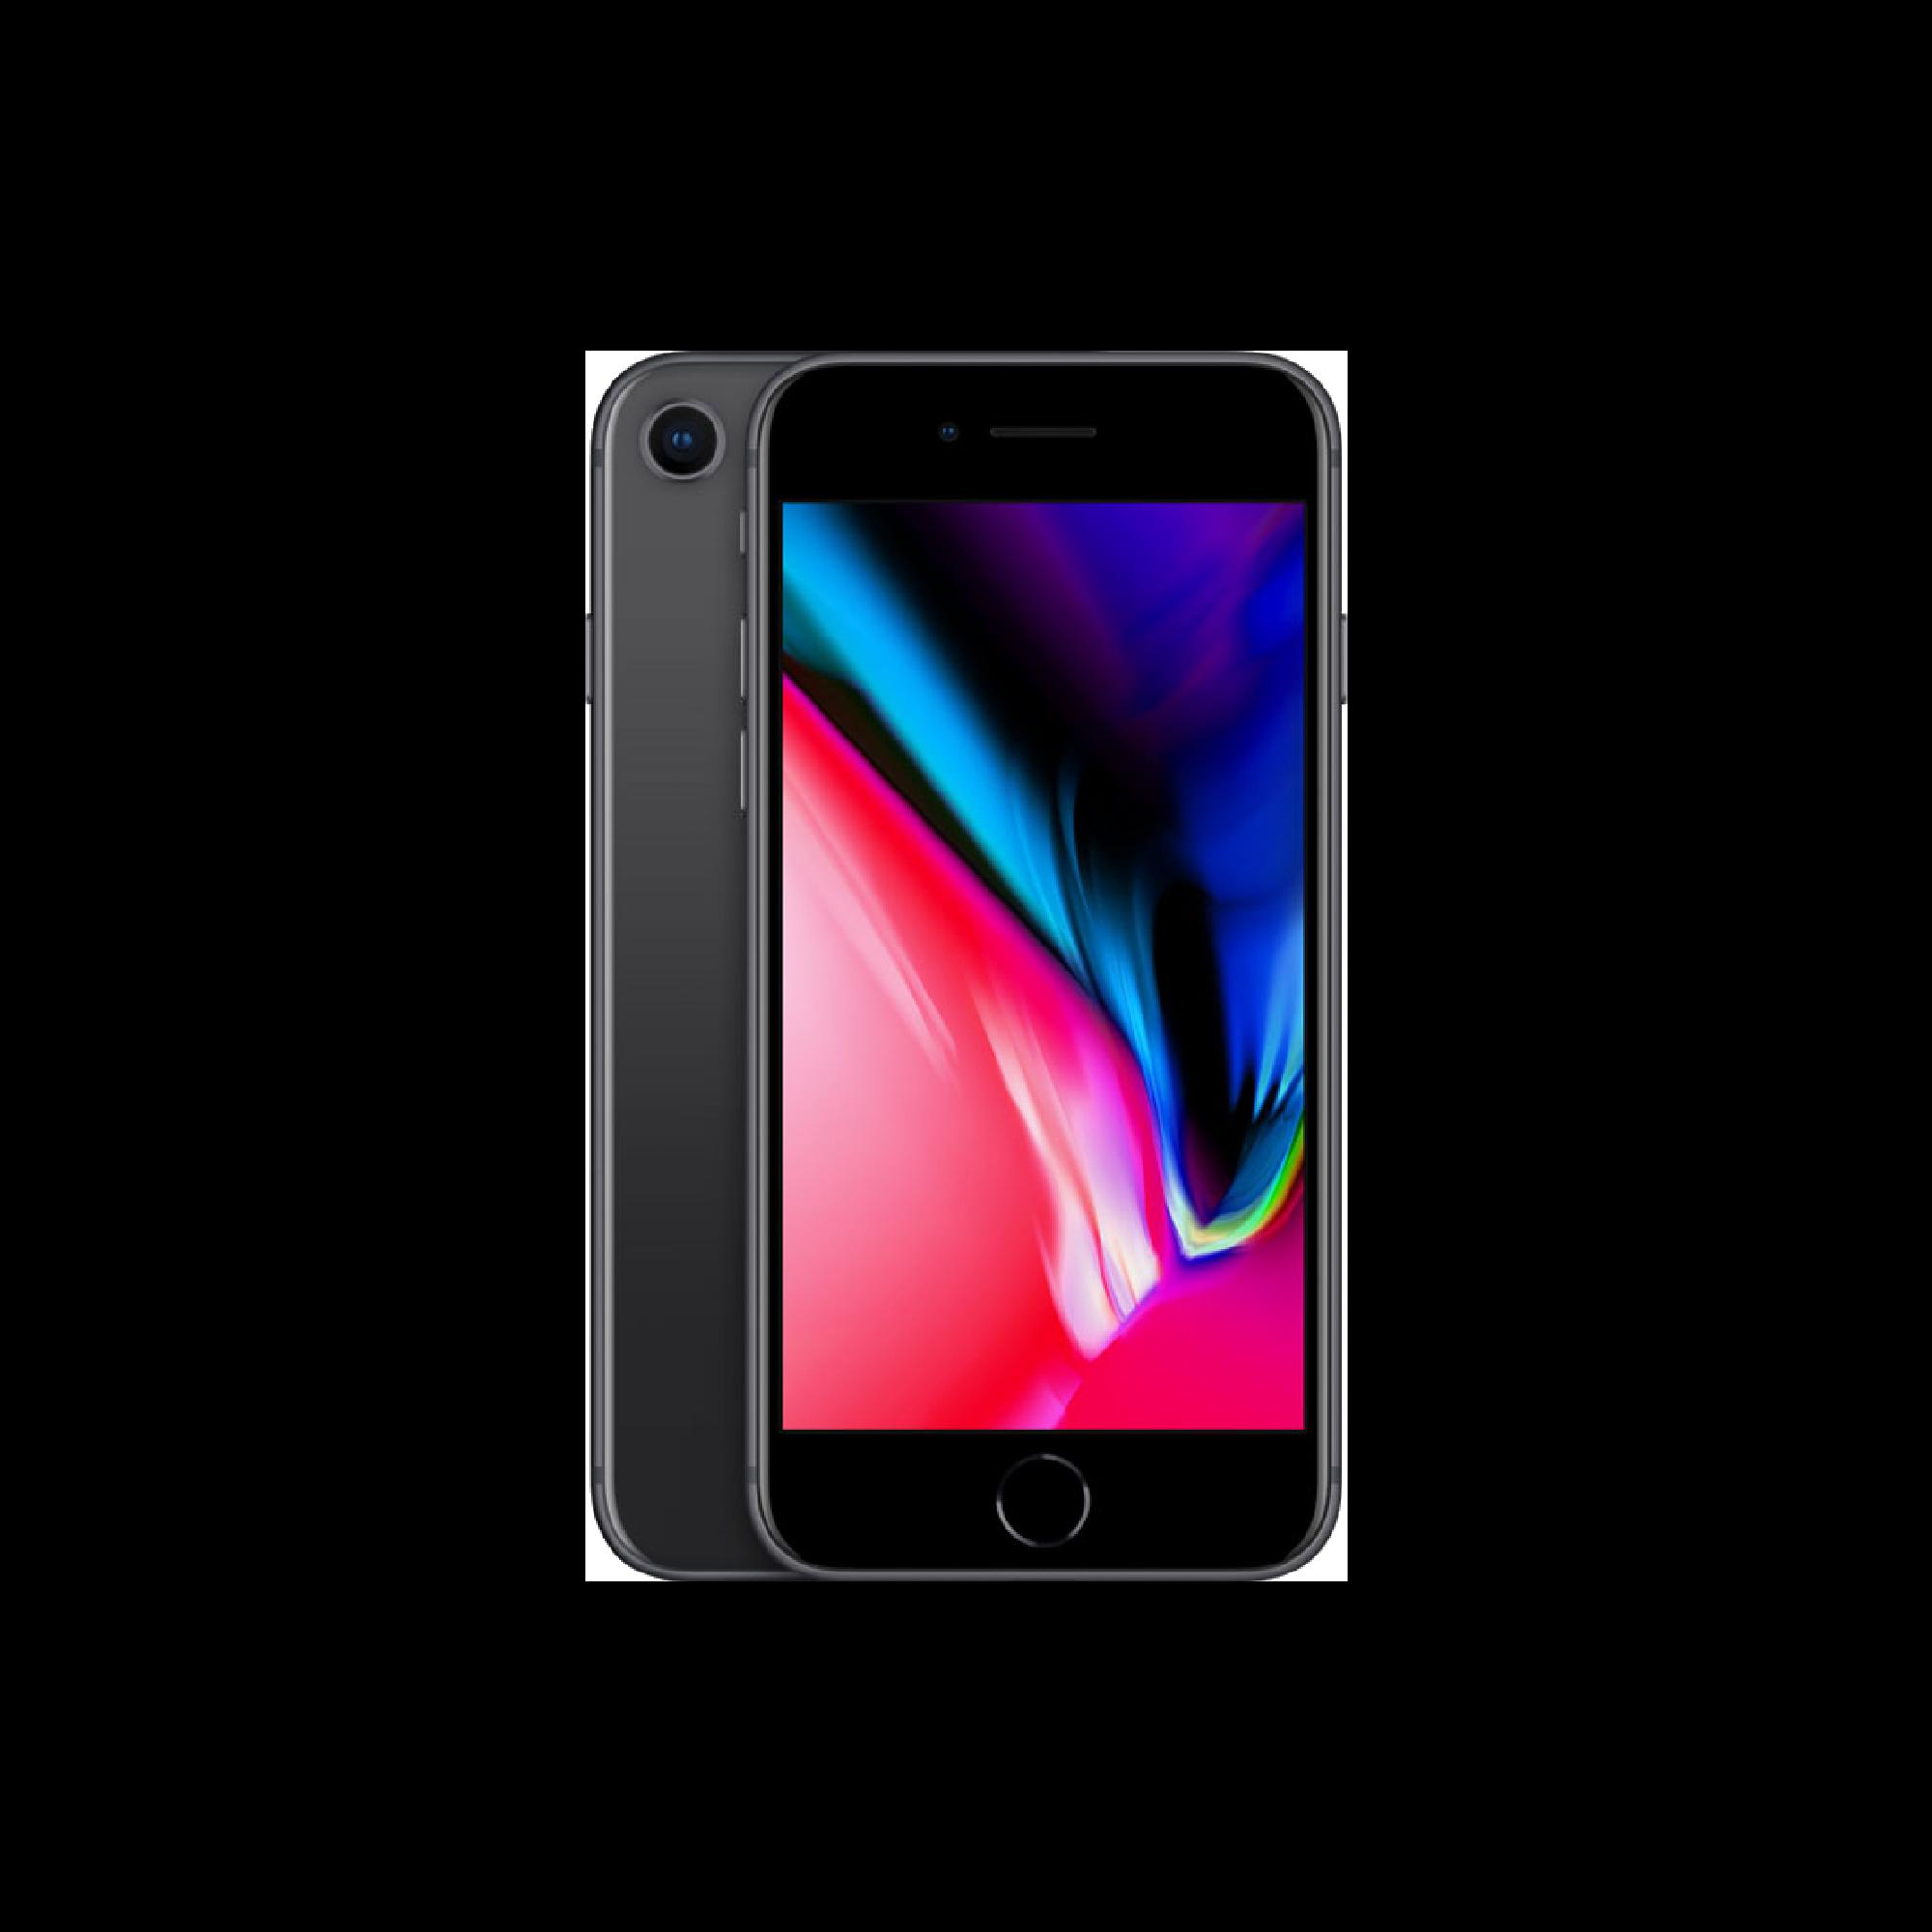 iPhone 8 | $135 + tax